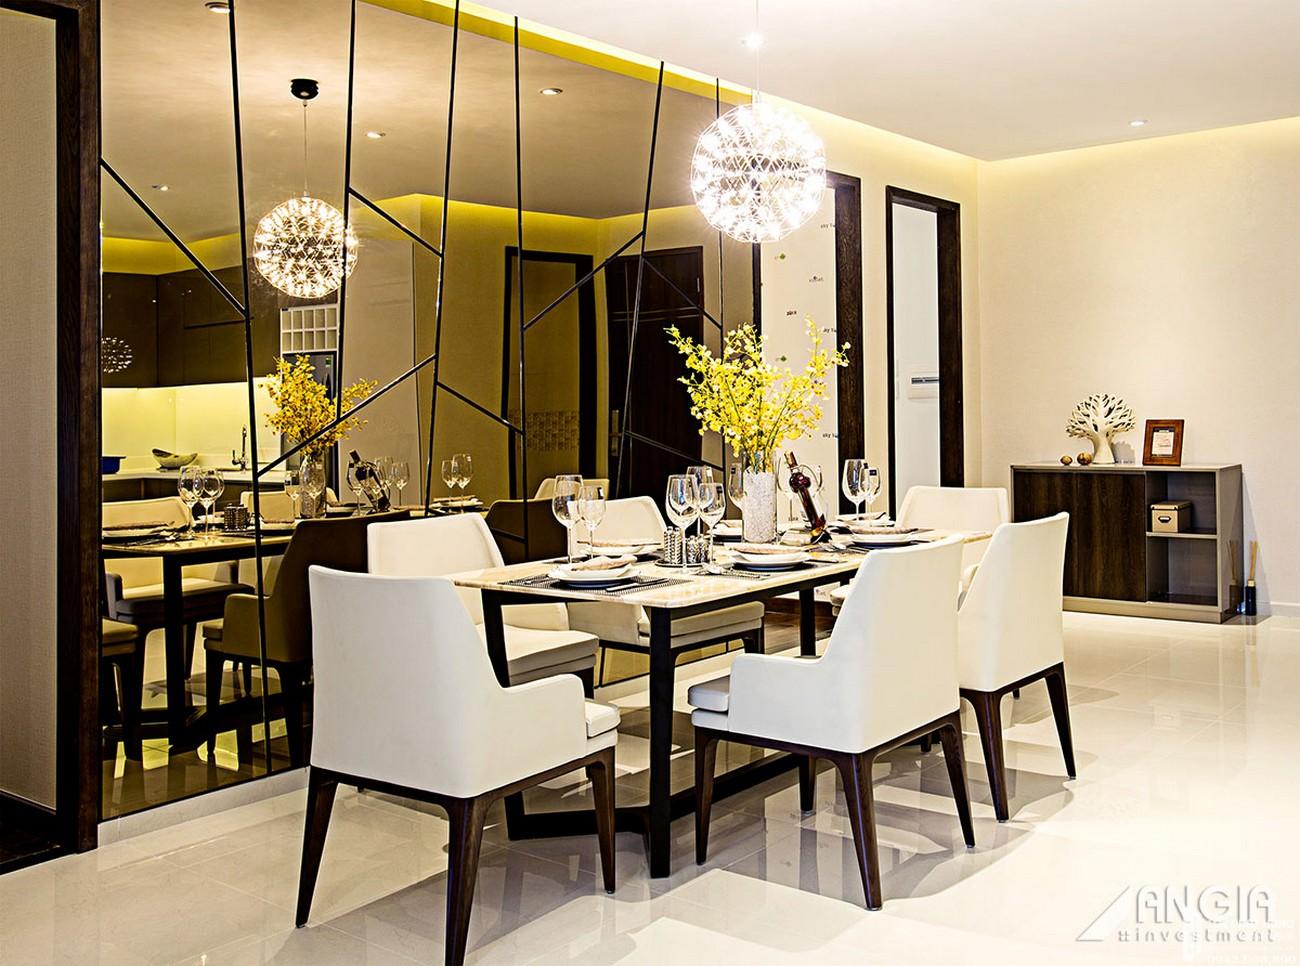 Nhà mẫu căn hộ 112m2 dự án căn hộ chung cư An Gia Skyline Quận 7 Đường Hoàng Quốc Việt chủ đầu tư An Gia